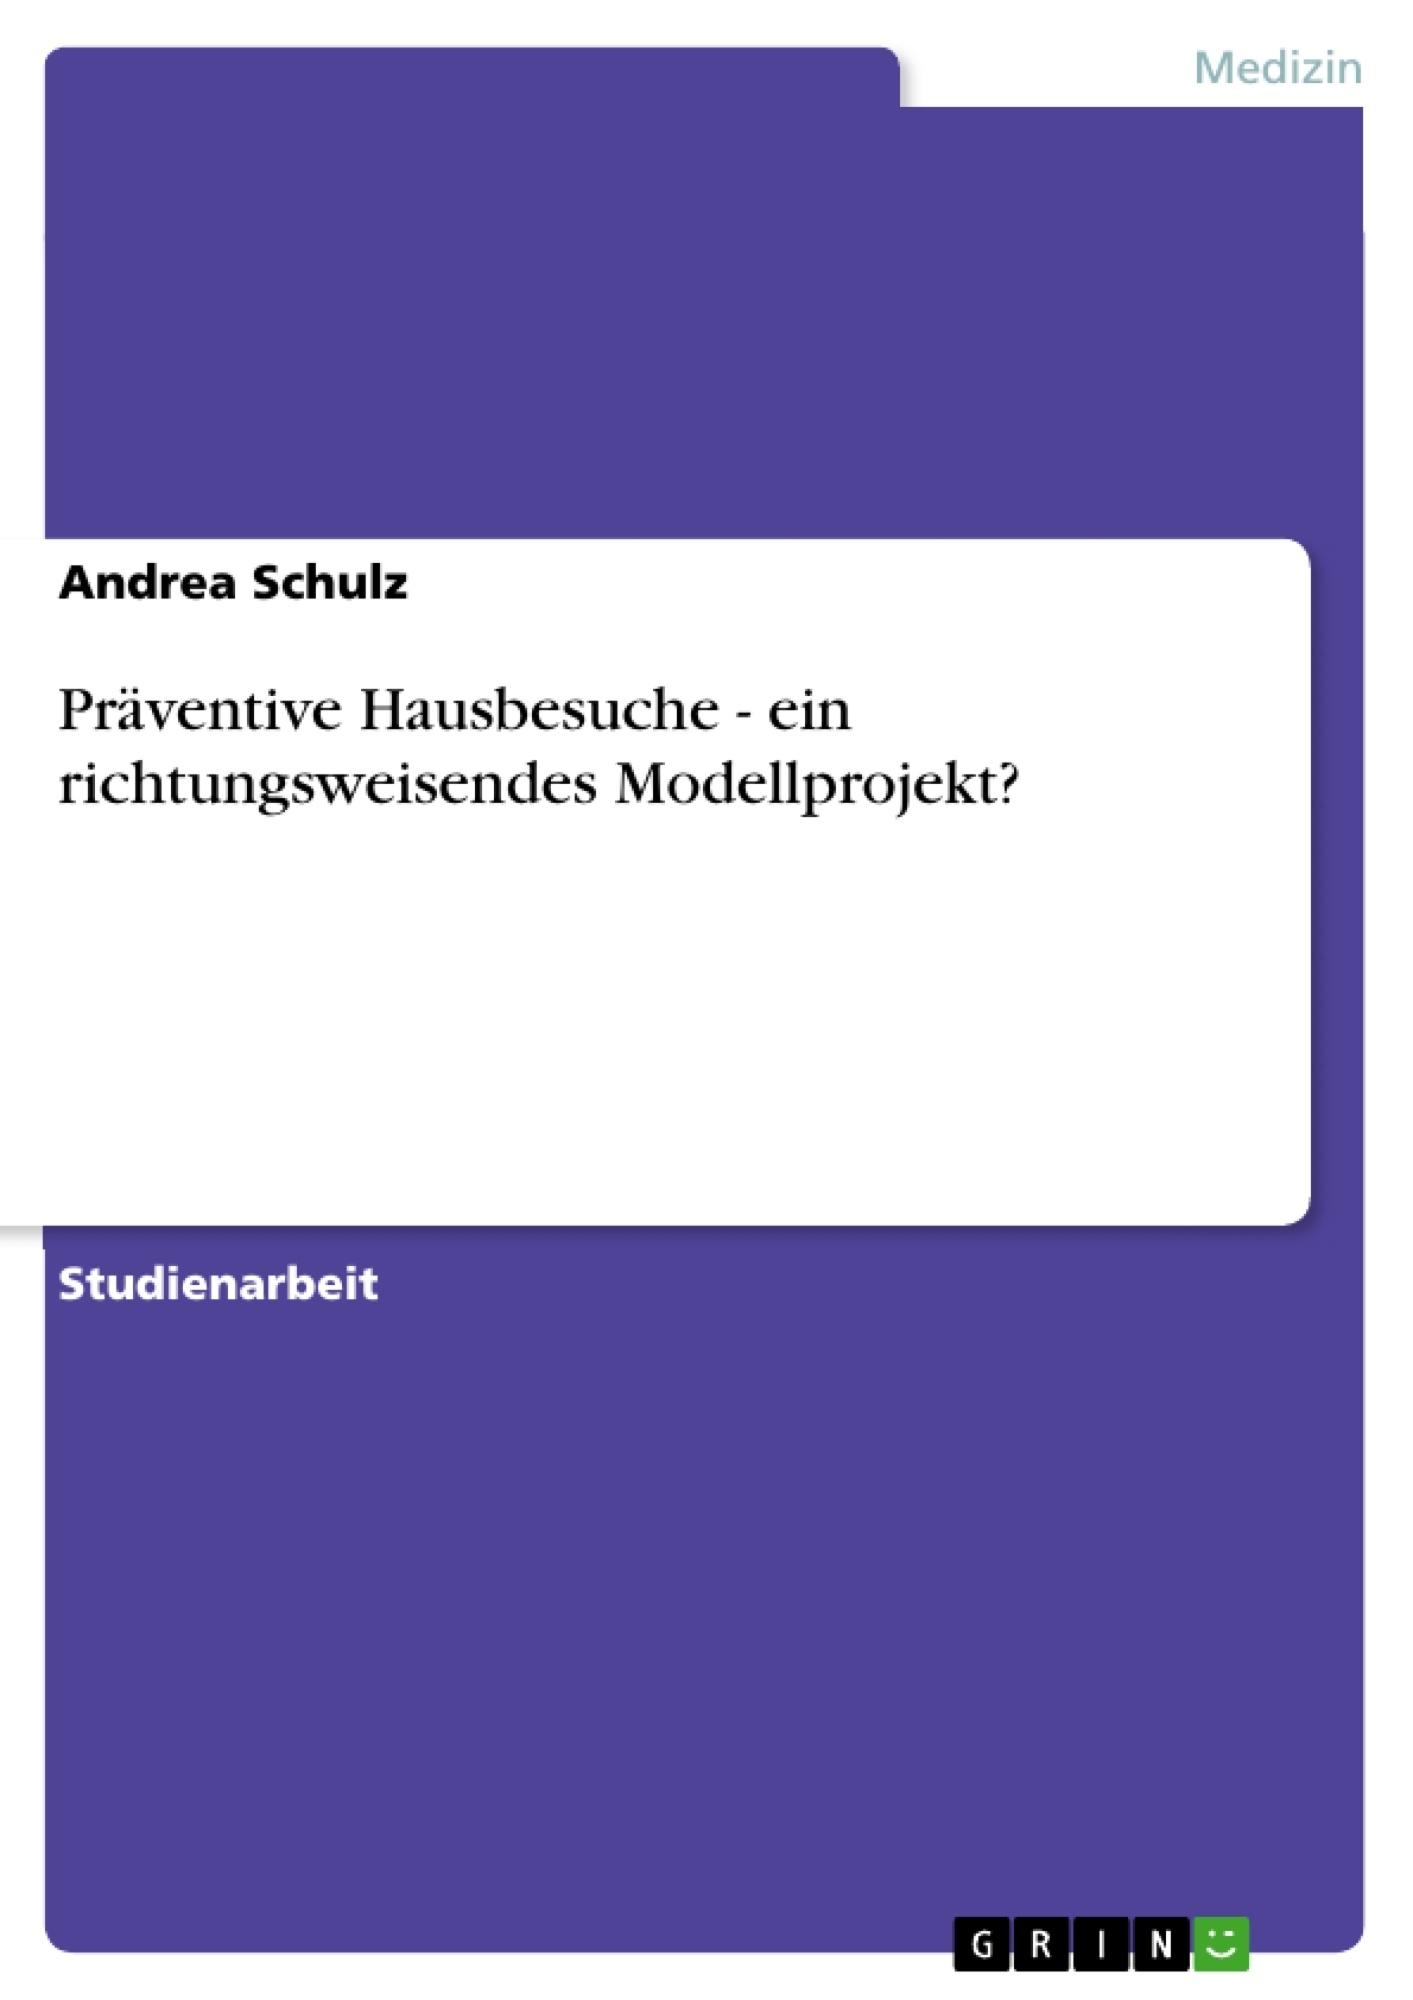 Titel: Präventive Hausbesuche - ein richtungsweisendes Modellprojekt?